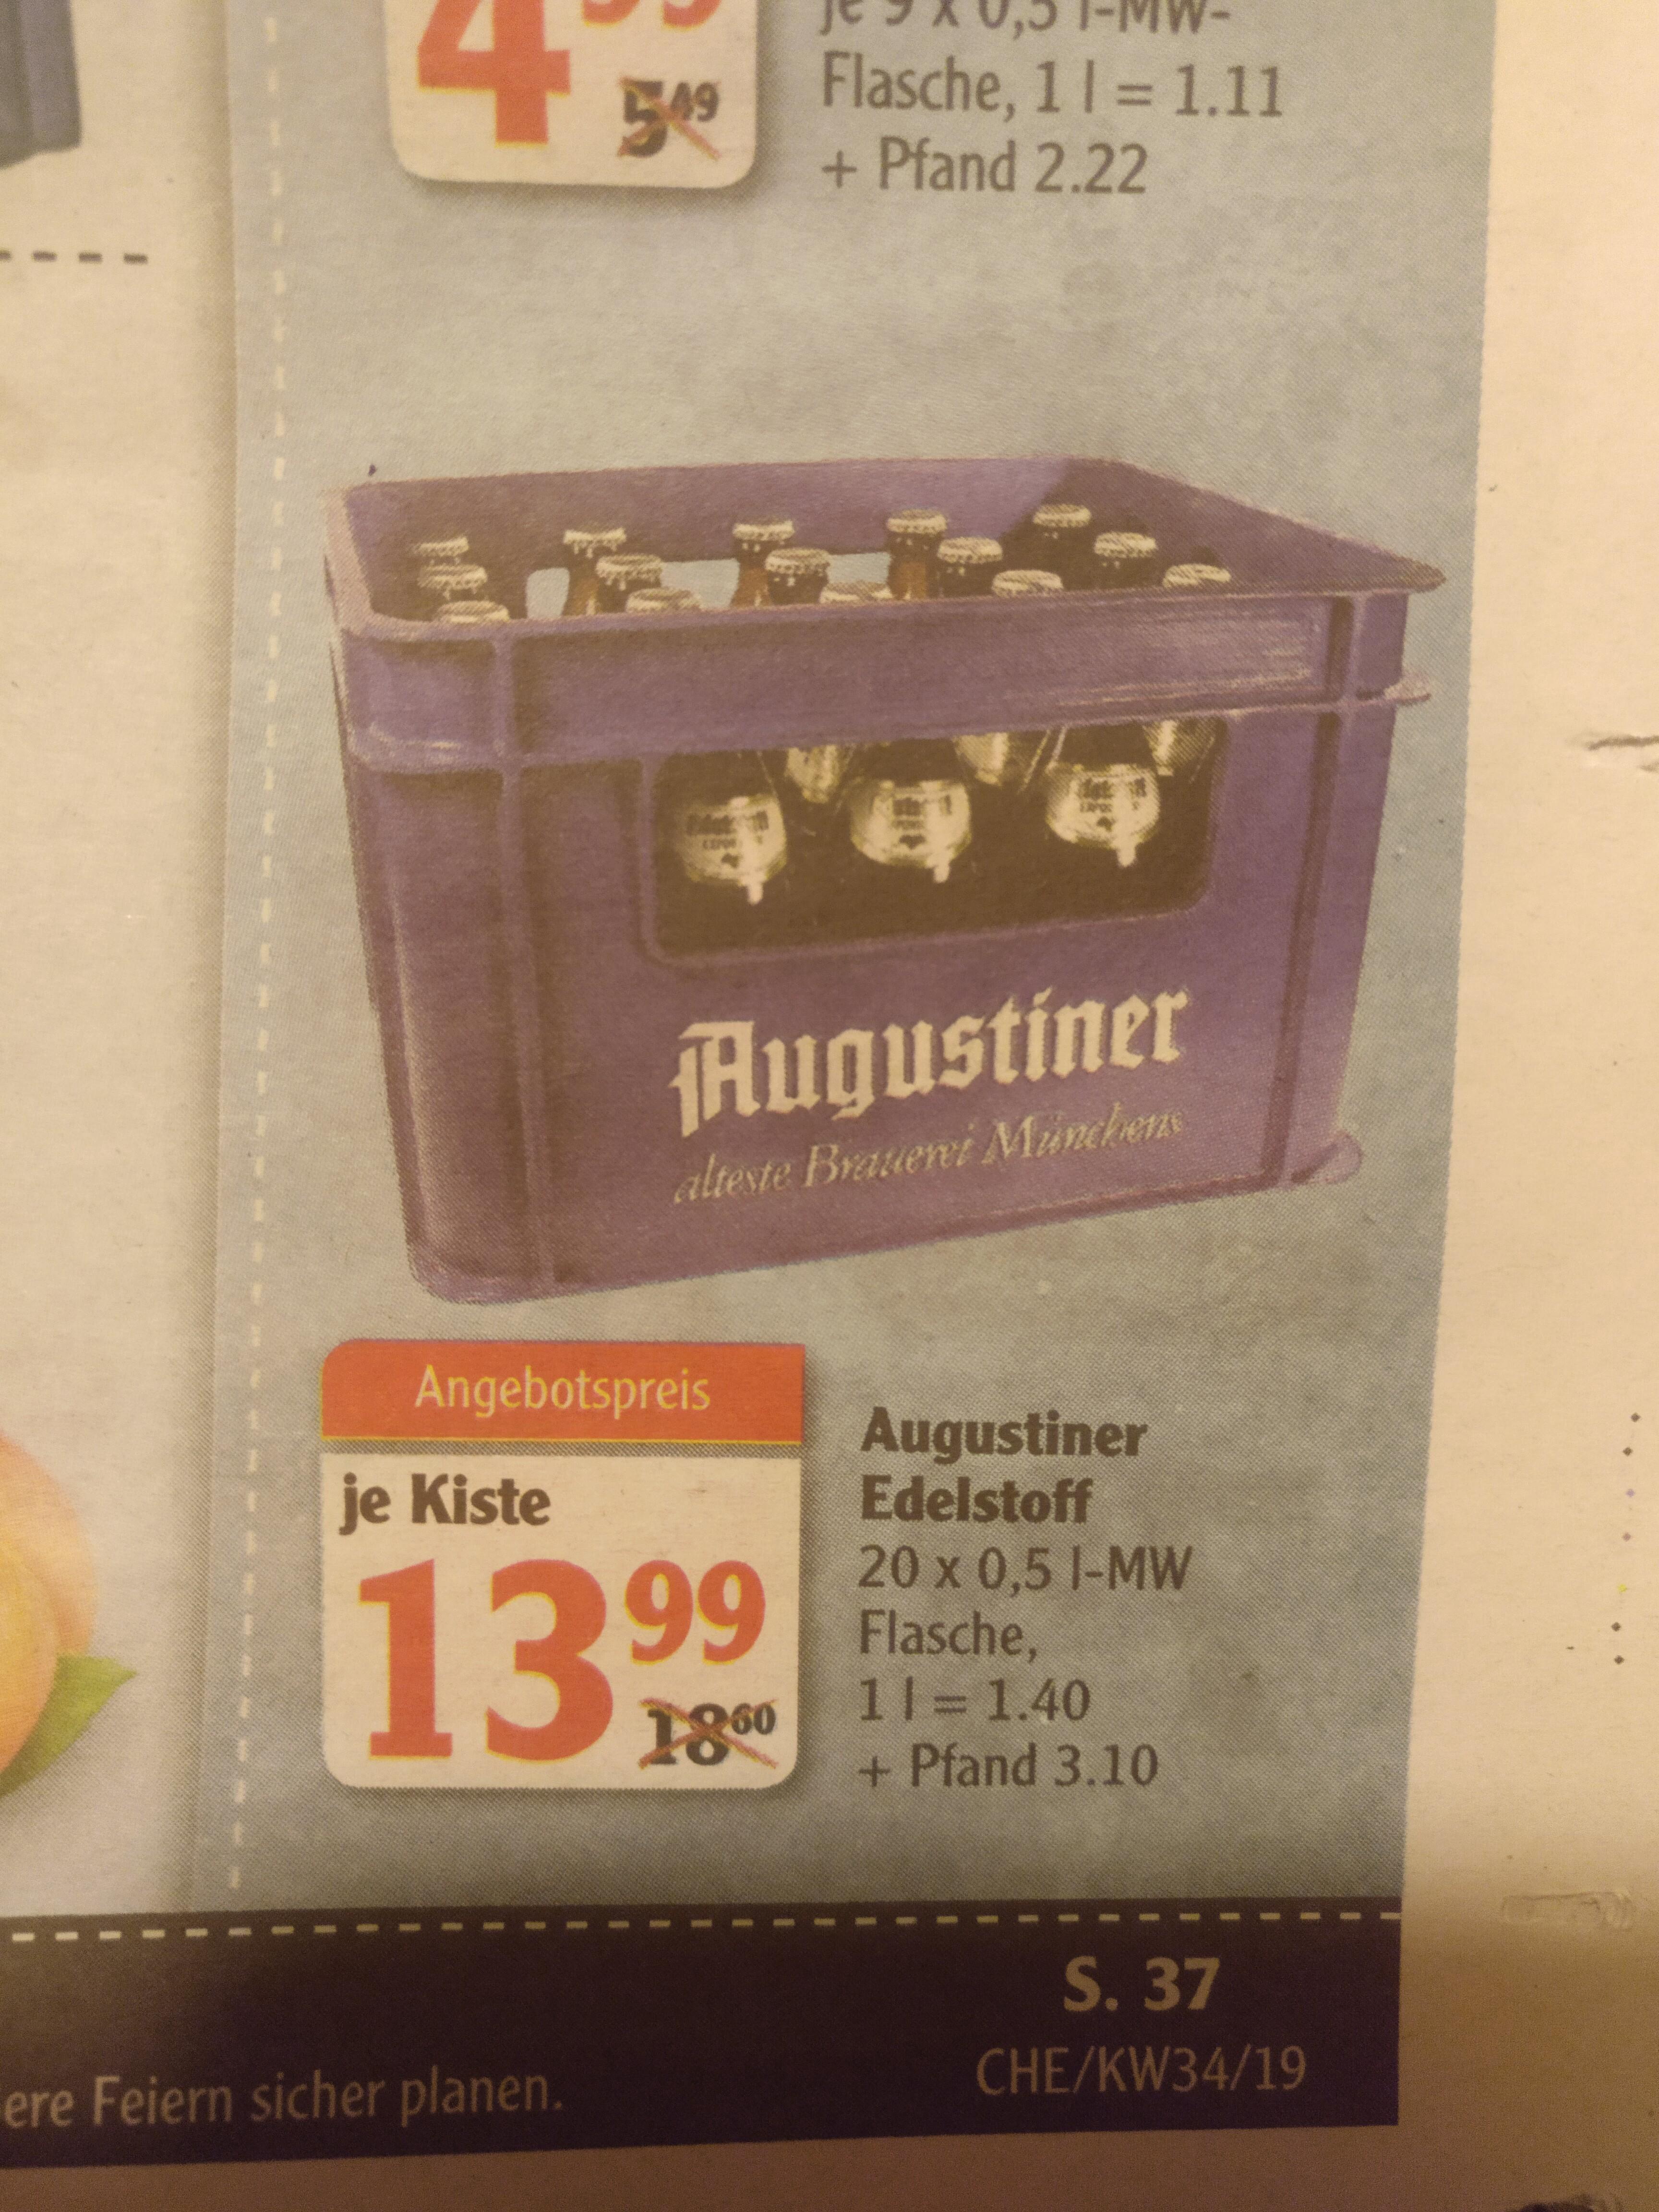 Lokal Globus Chemnitz Bier Augustiner Edelstoff